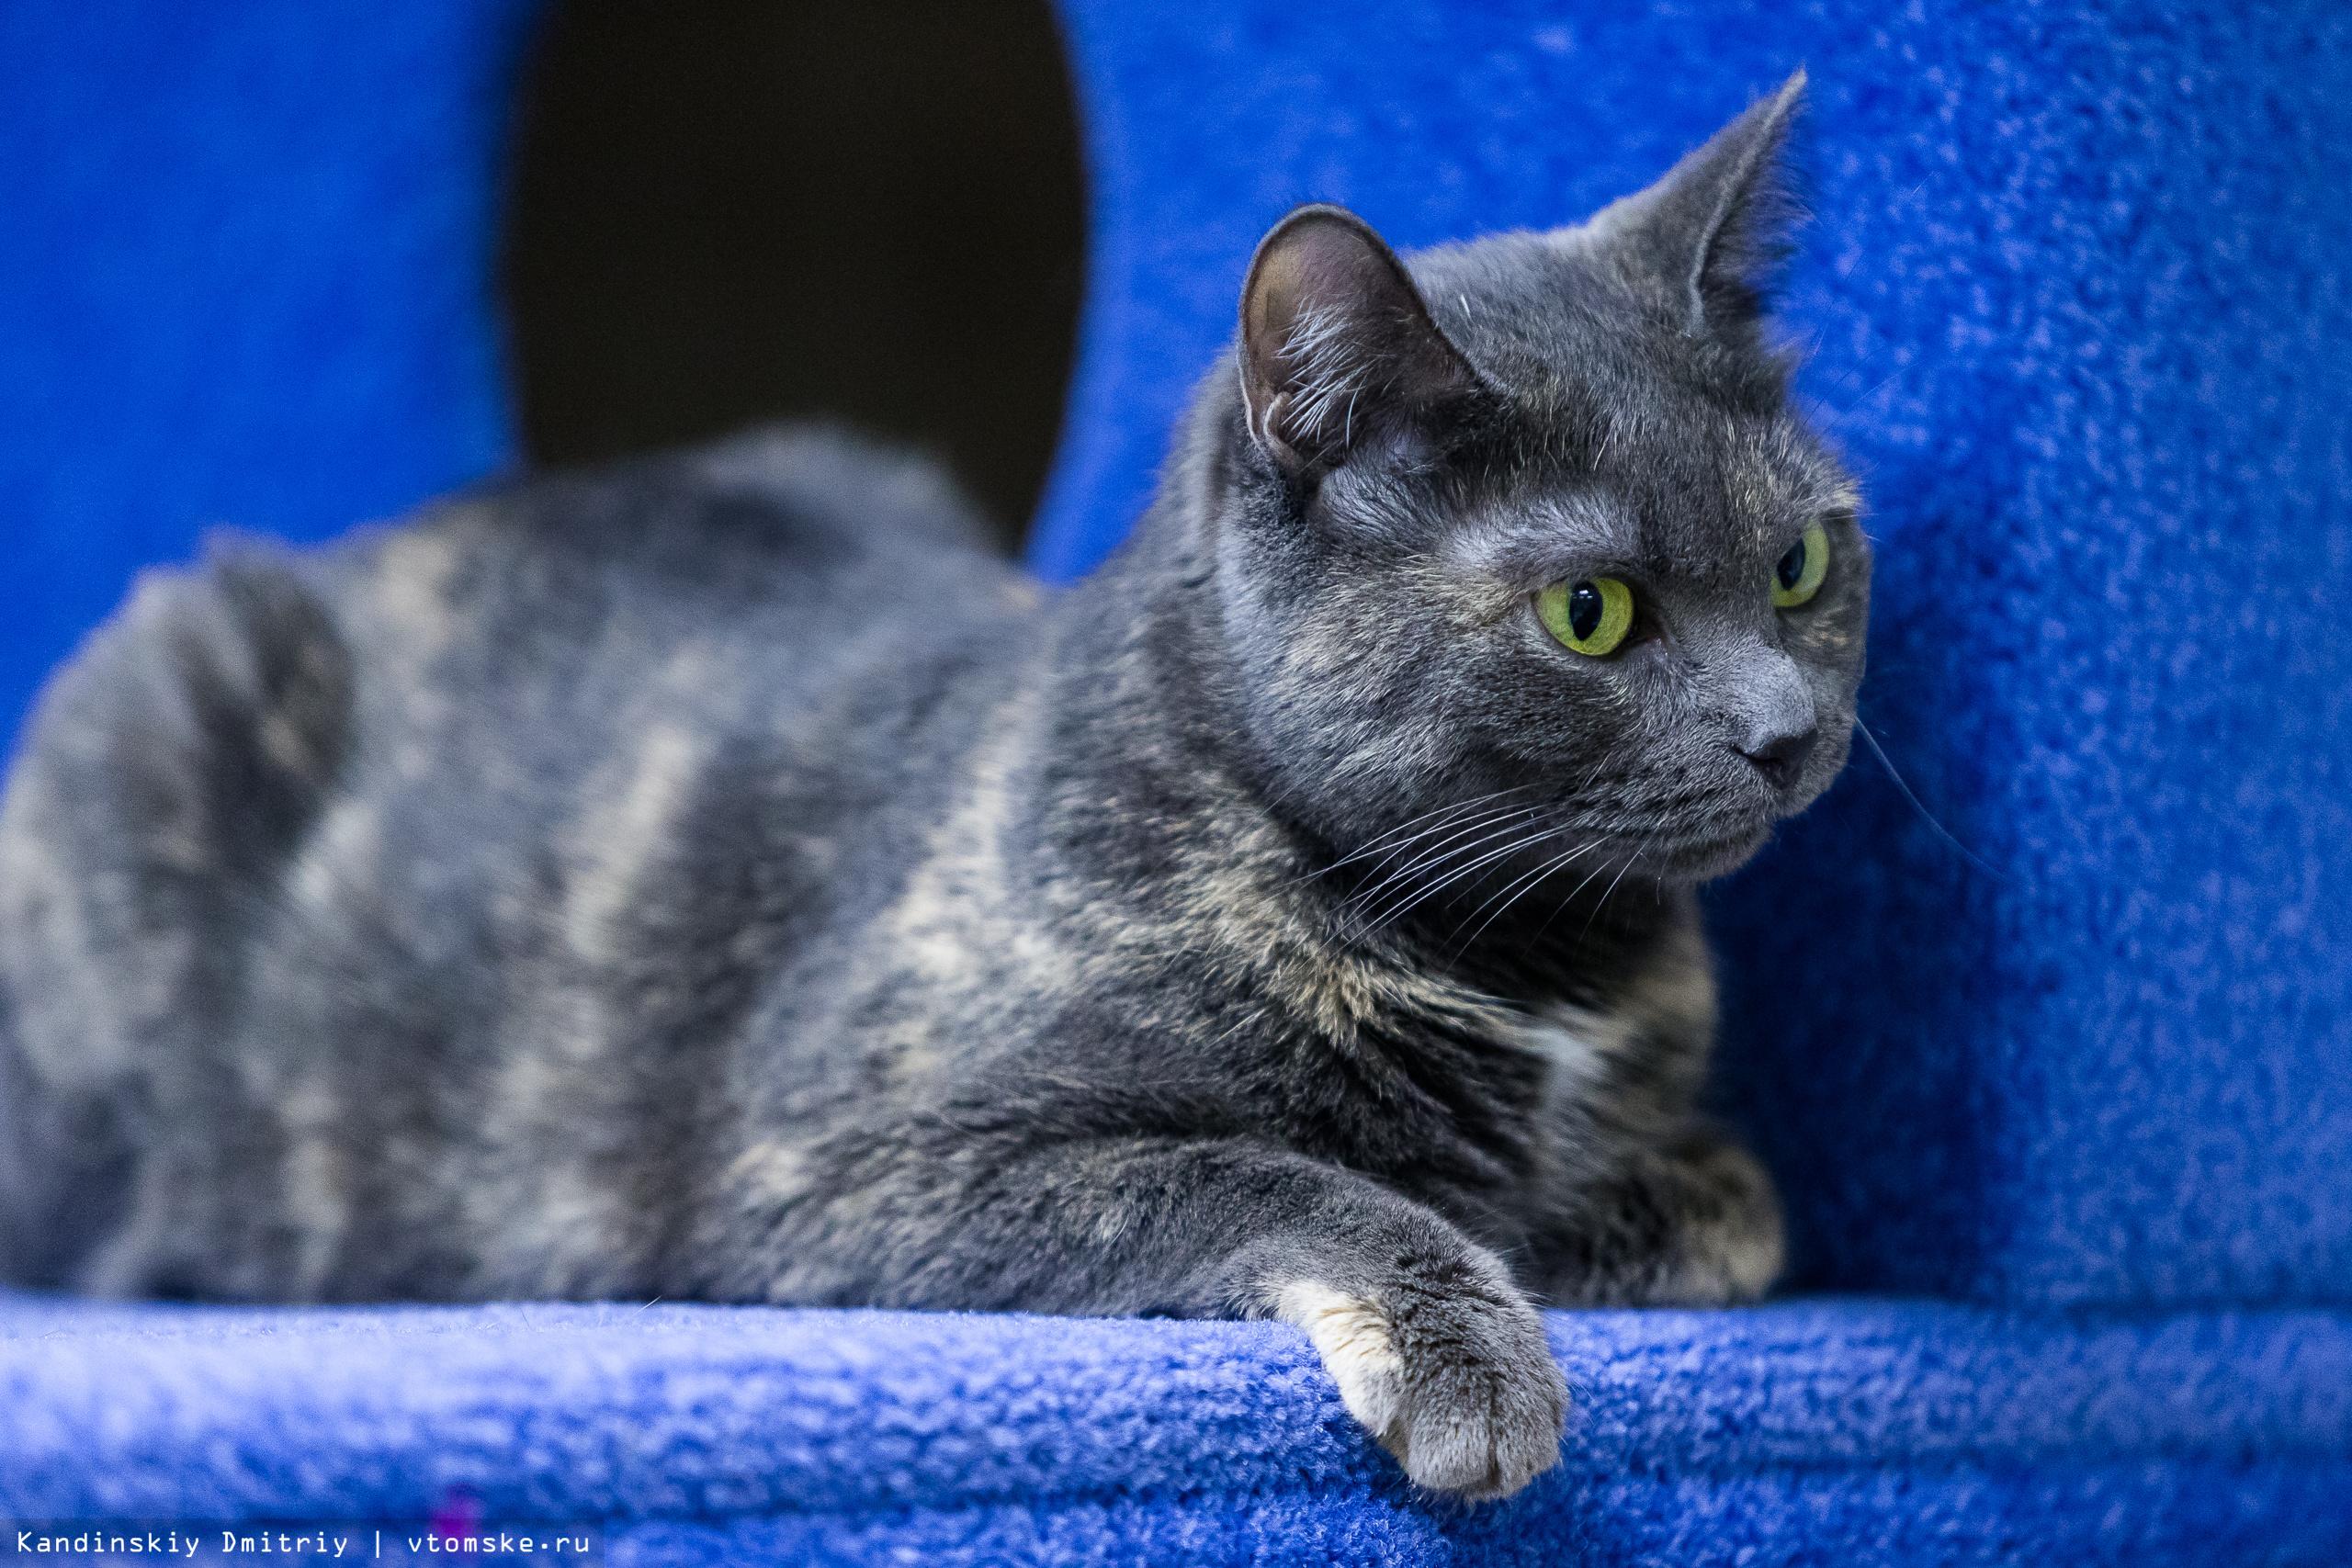 Мурчащее кафе: как люди и котики проводят время в томском Cat Space